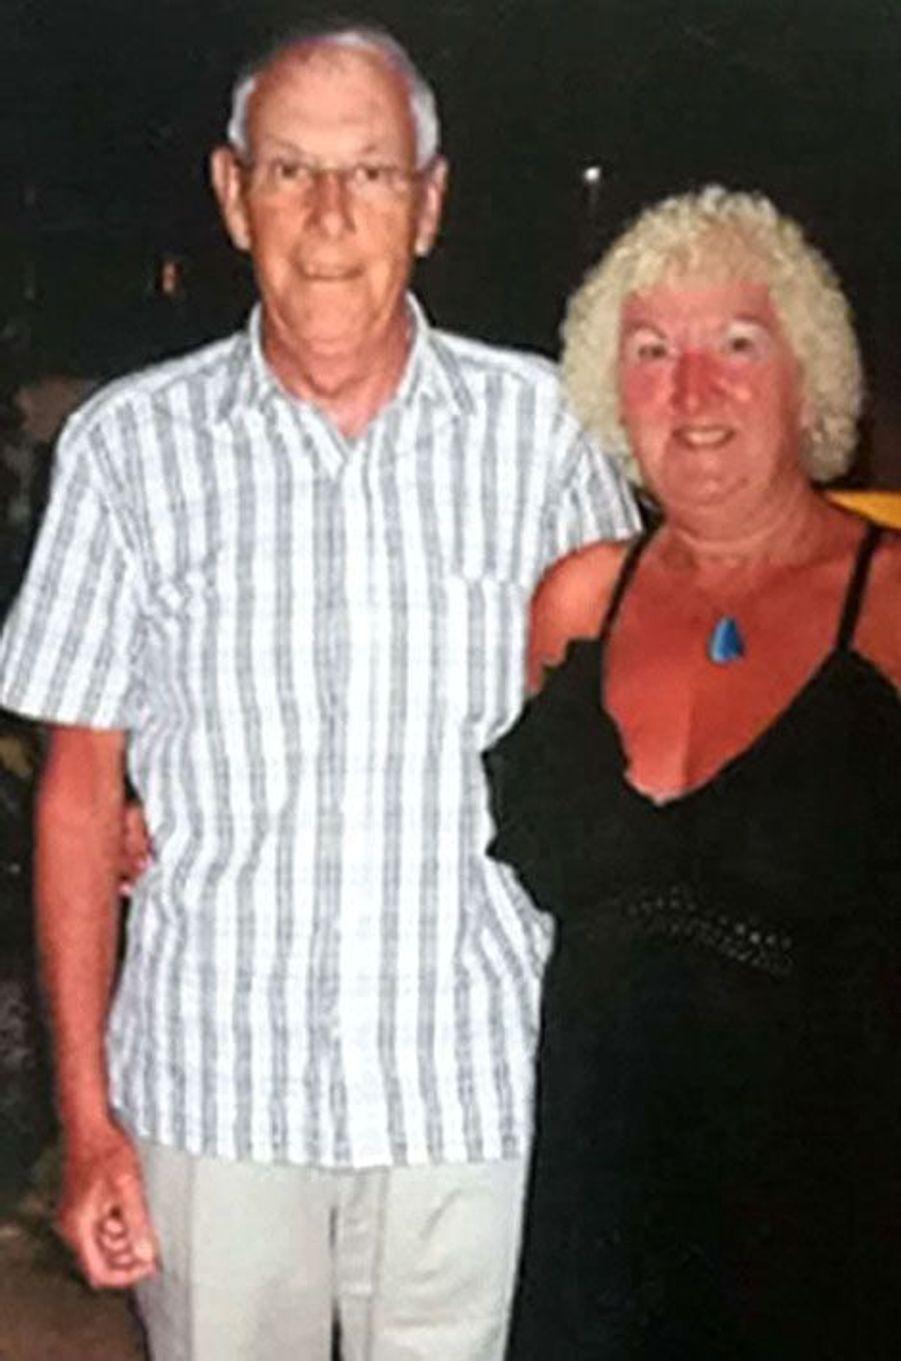 Sa femme a survécu, lui n'a pas eu cette chance. Bruce Wilkinson, retraité de 72 ans originaire de Goole en Angleterre, a perdu la vie dans l'attentat de vendredi, tué sur la plage. Selon «The Guardian», qui cite un communiqué, sa famille pleure la perte d'un«mari, père et grand-père dévoué». «Bruce était un homme gentil, compatissant, avec le sens de l'humour. Il était amusant et il manquera profondément à ses amis et sa famille», ajoute le texte.Cet ancien employé d'une centrale électrique pose ici avec sa femme Rita, lors de vacances en Tunisie en 2013.